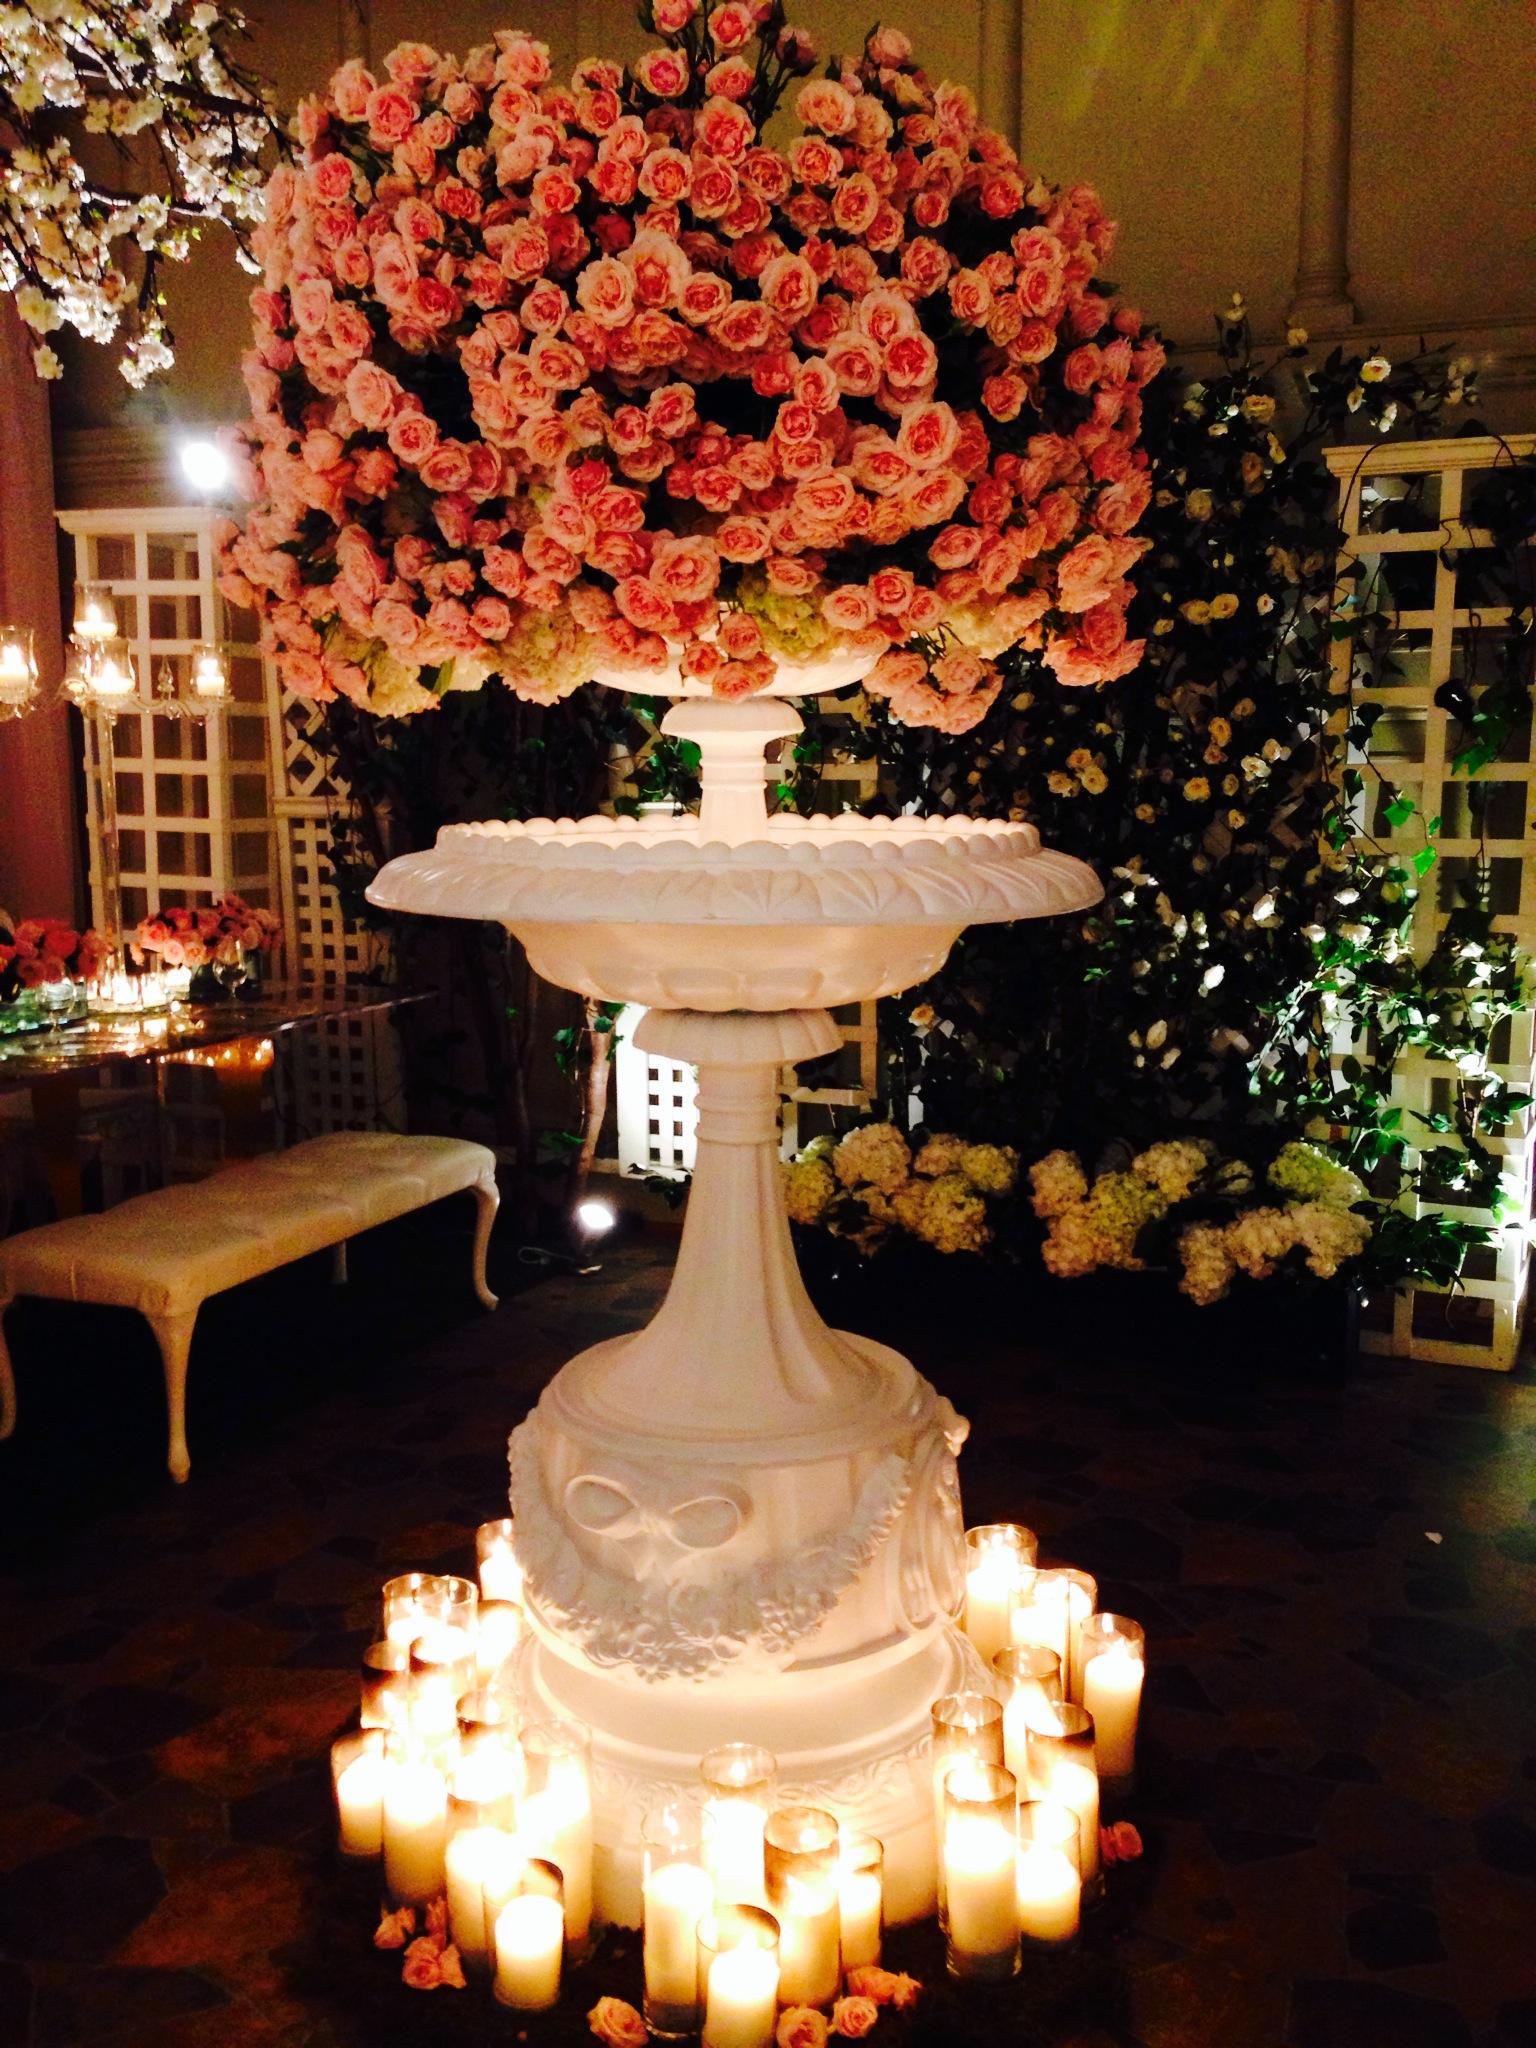 weddingflowers-wedluxeshow-torontoweddingplanner